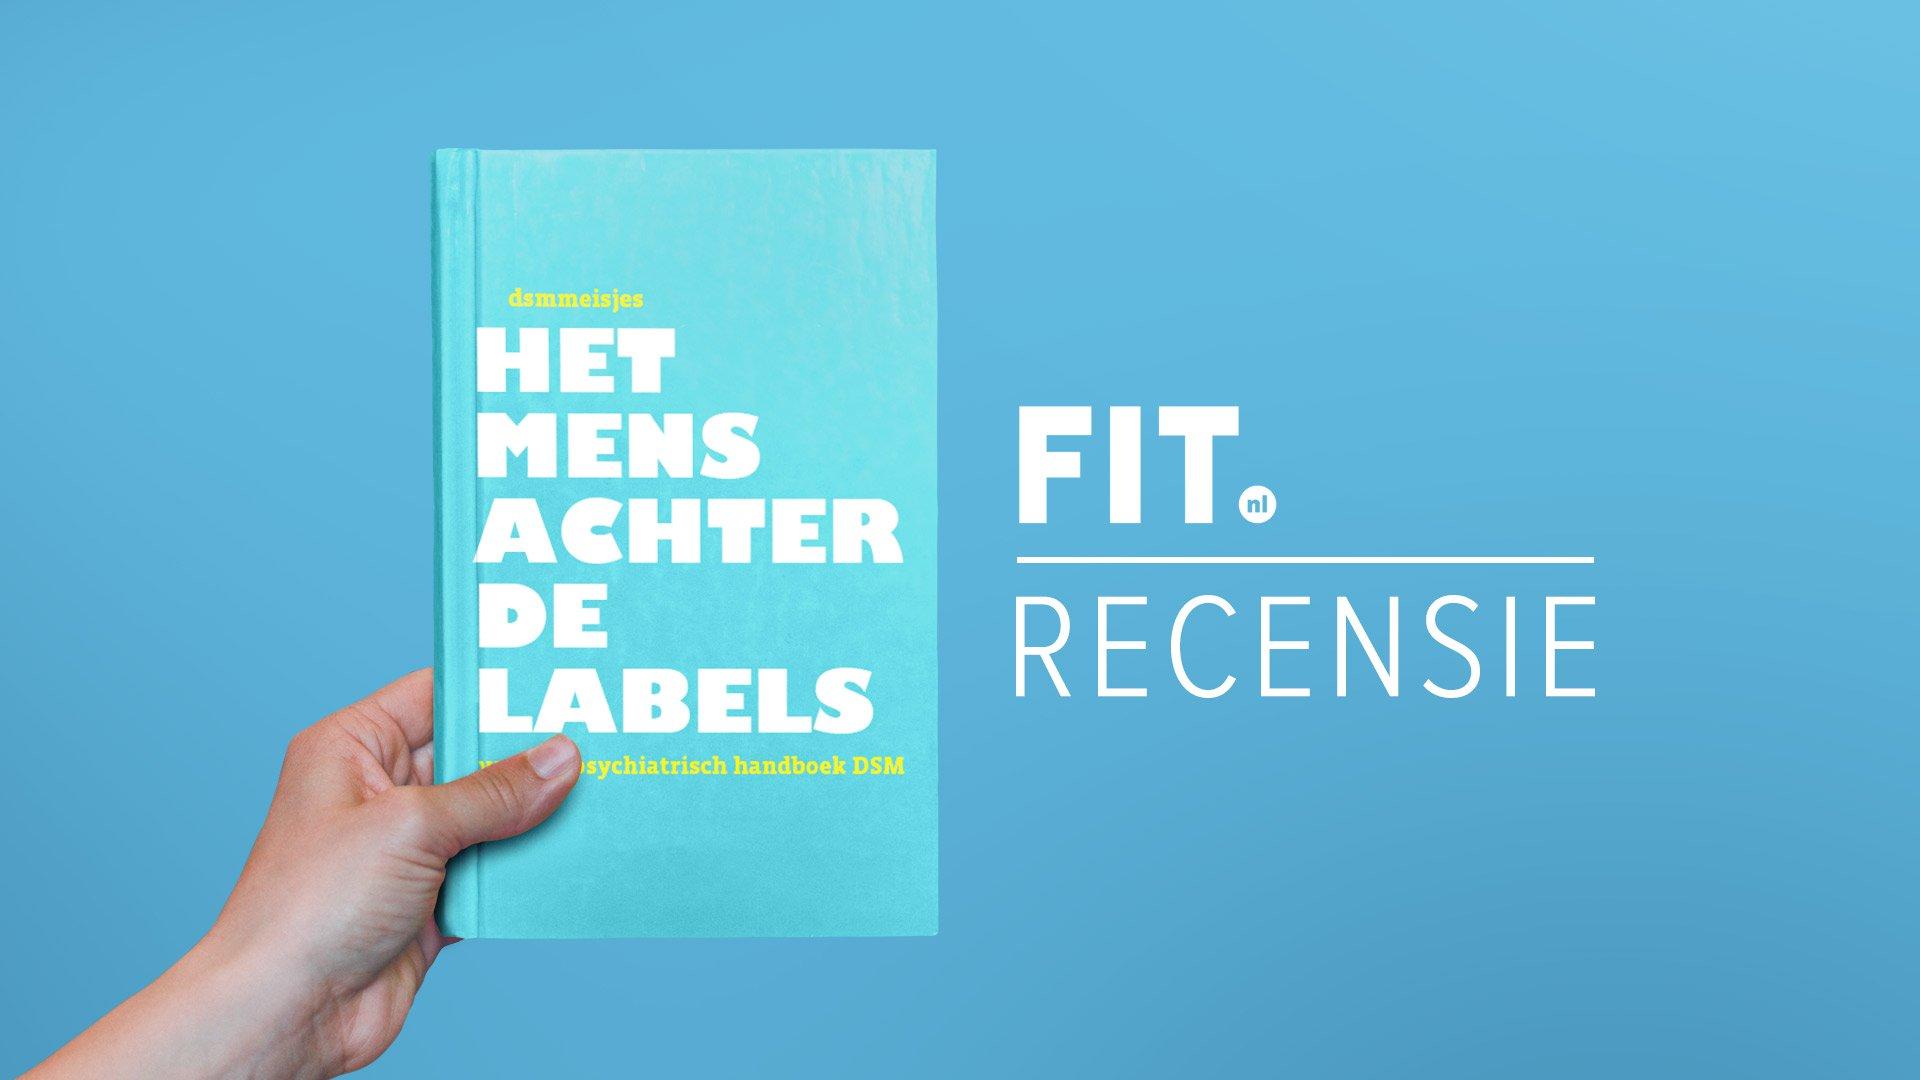 het-mens-achter-de-labels recensie